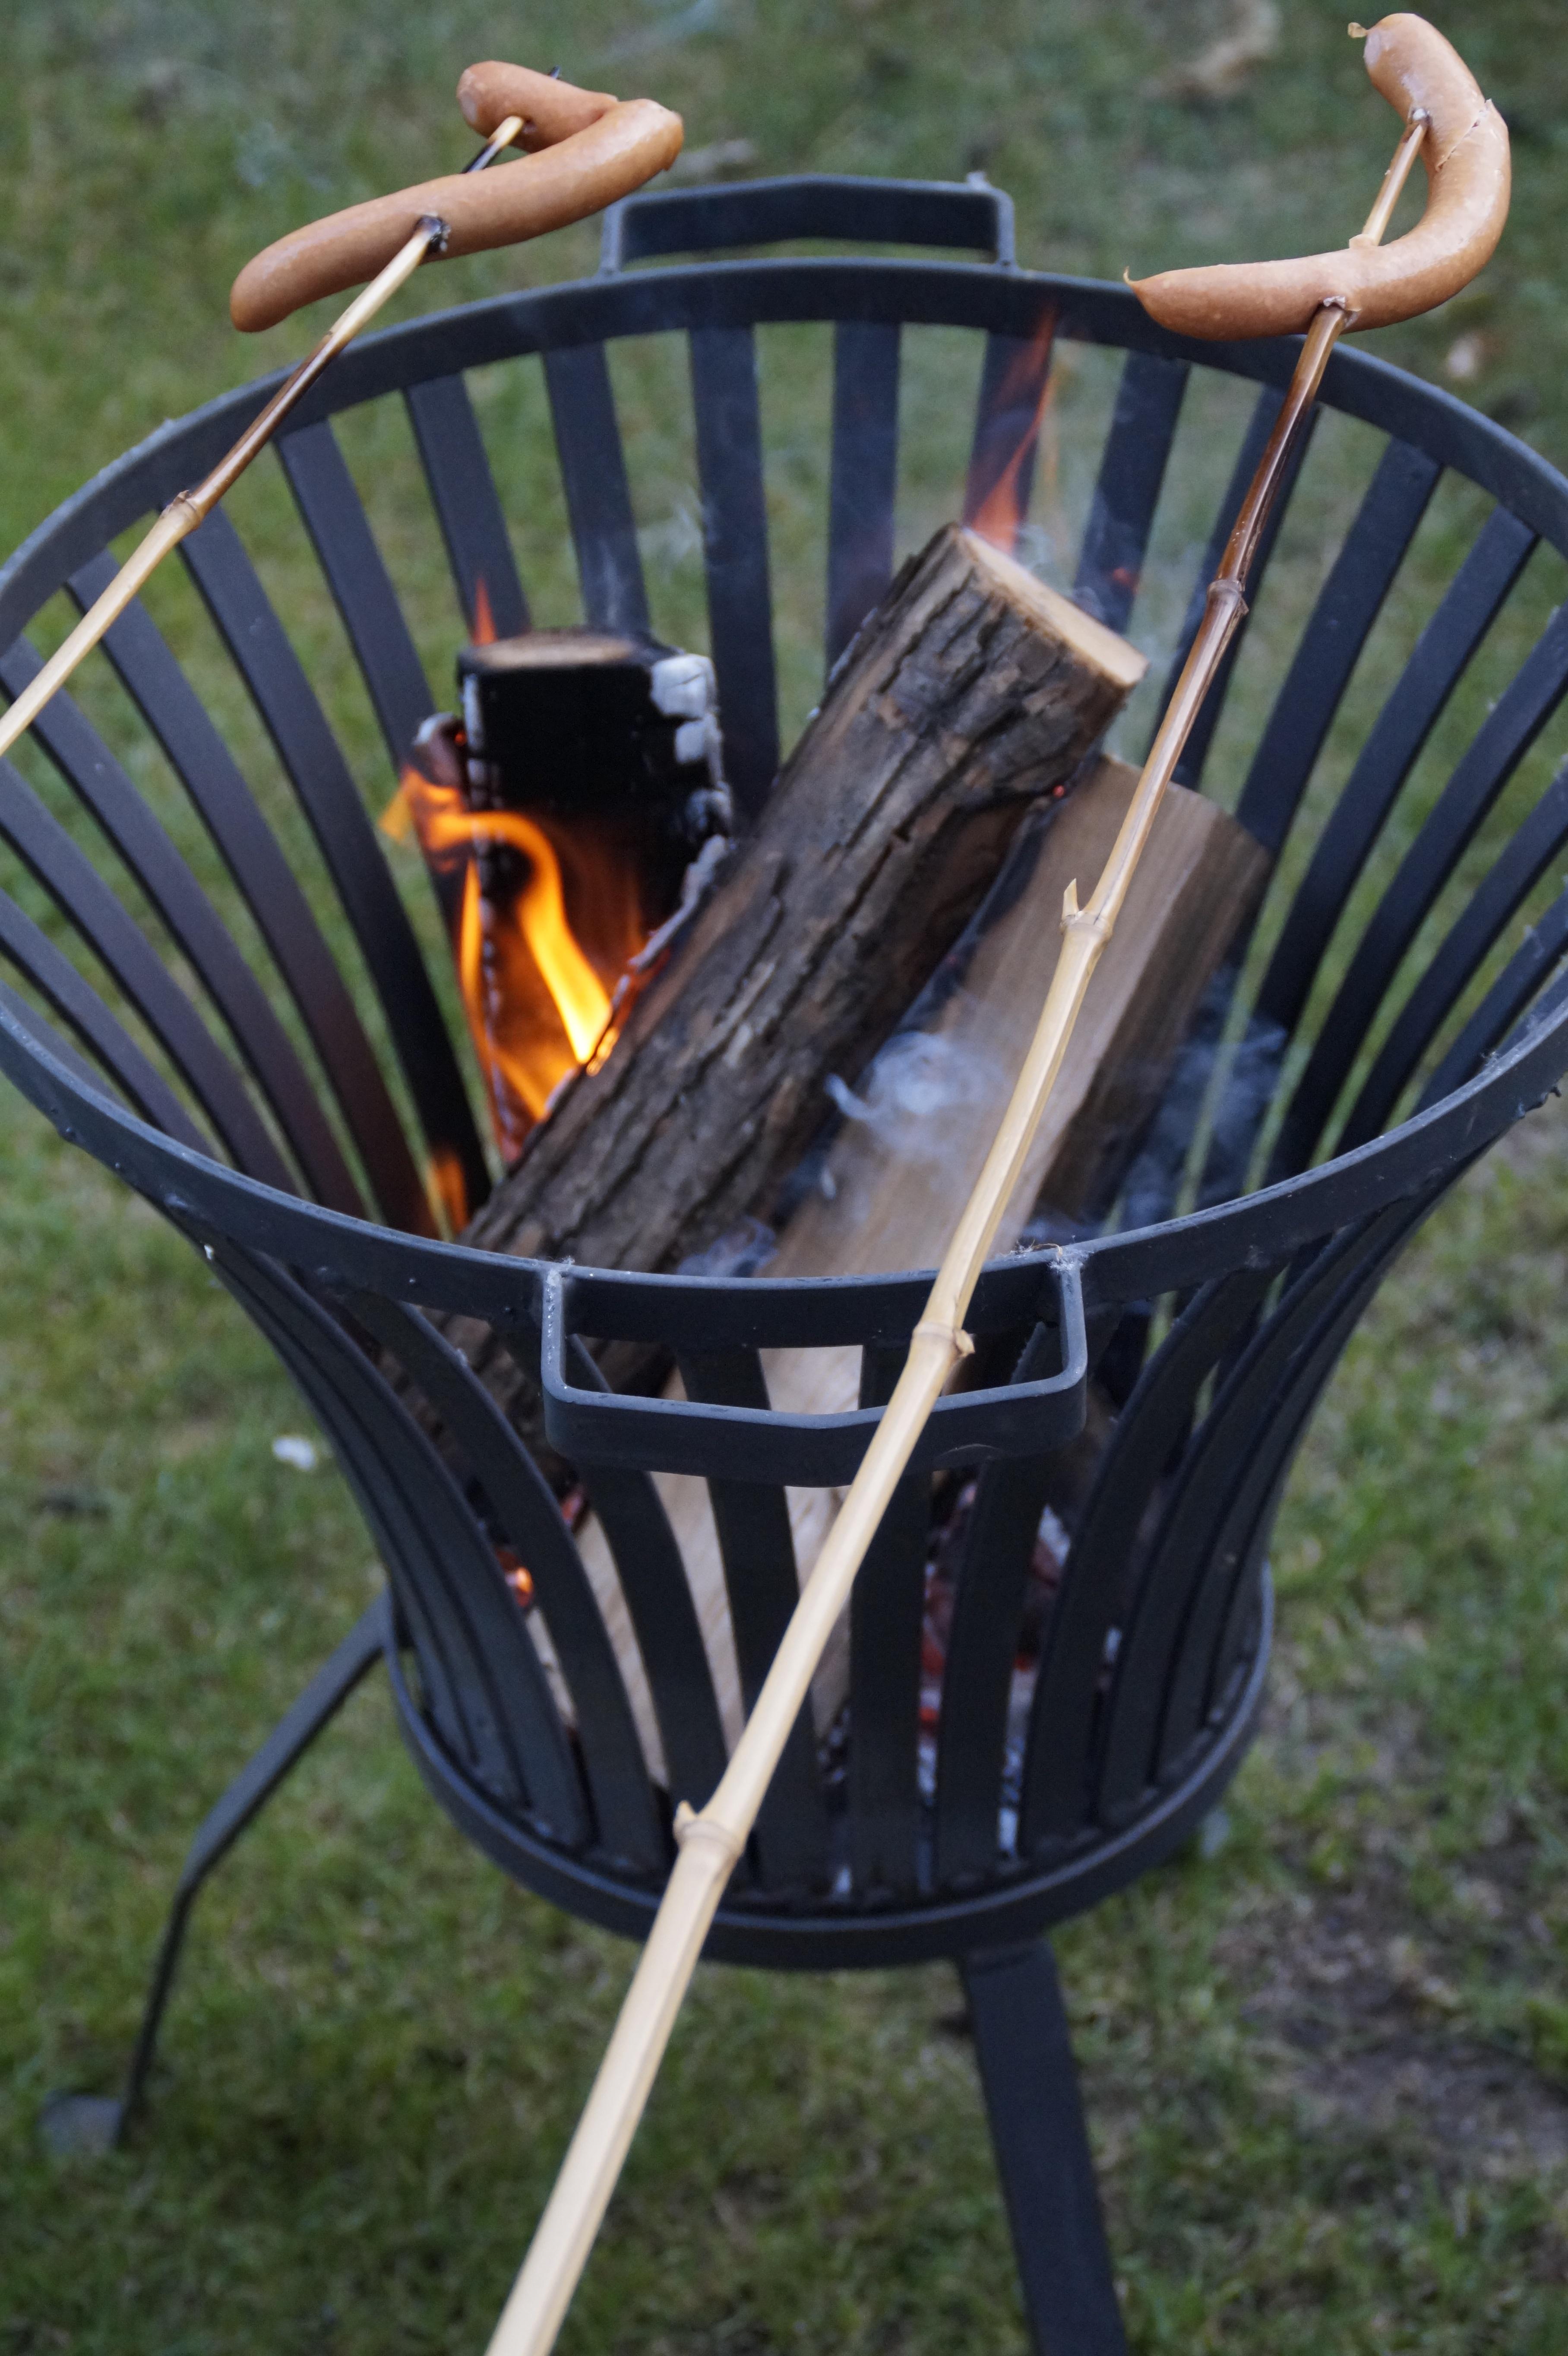 무료 이미지 : 표, 목재, 바퀴, 카트, 의자, 난로, 가구, 캠프 불 ...